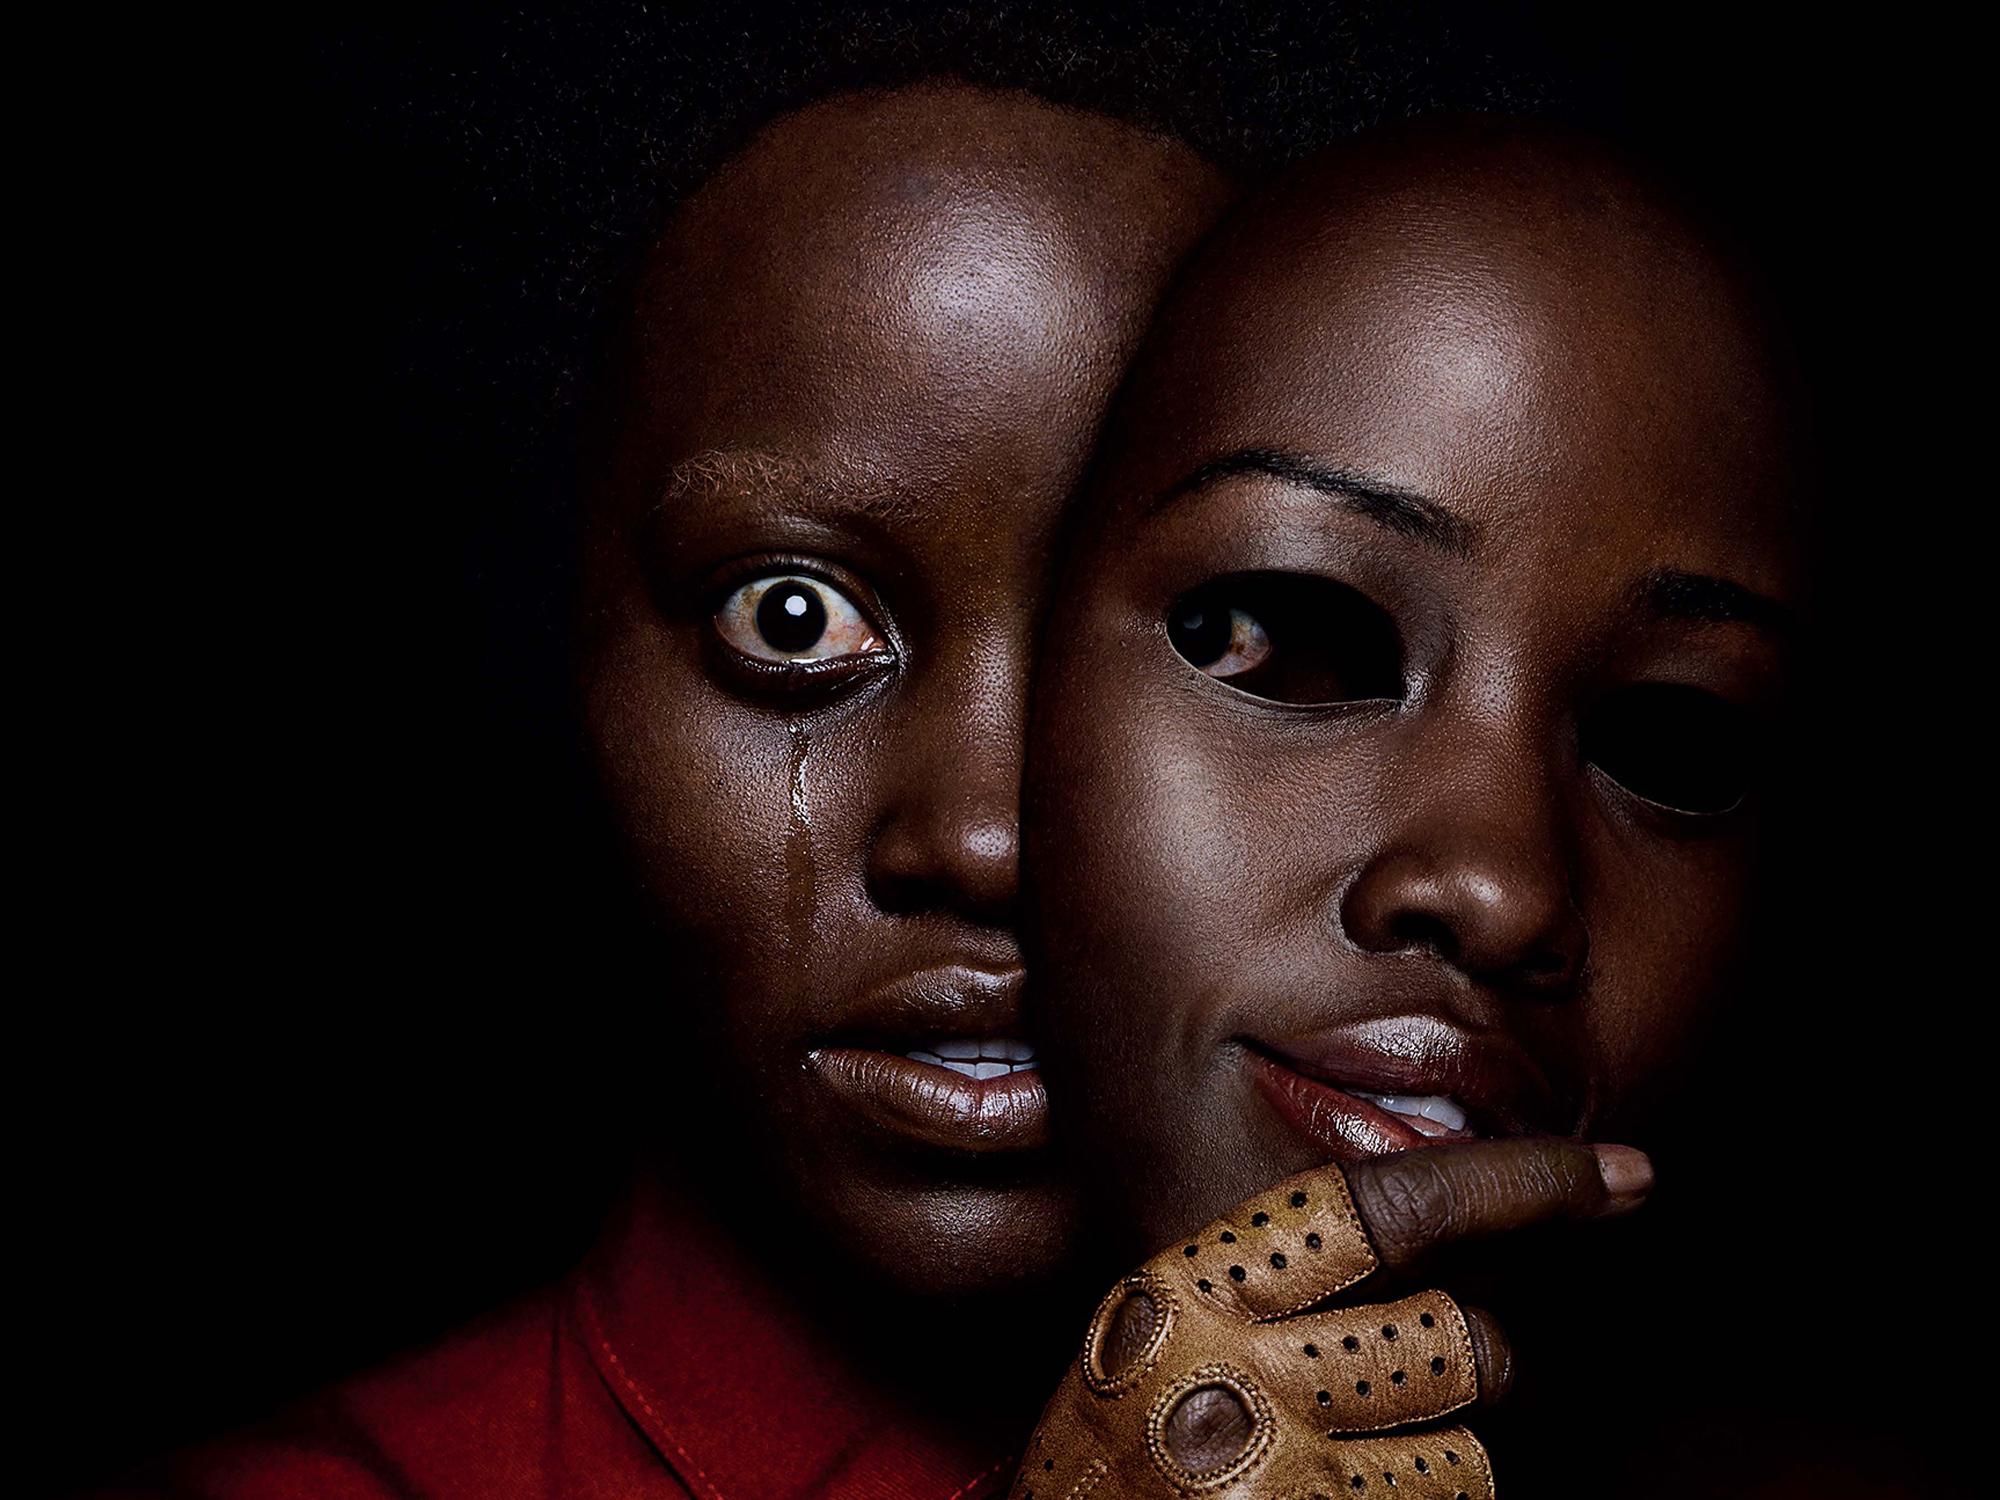 Us-Jordan-Peele-Film-Review.jpg